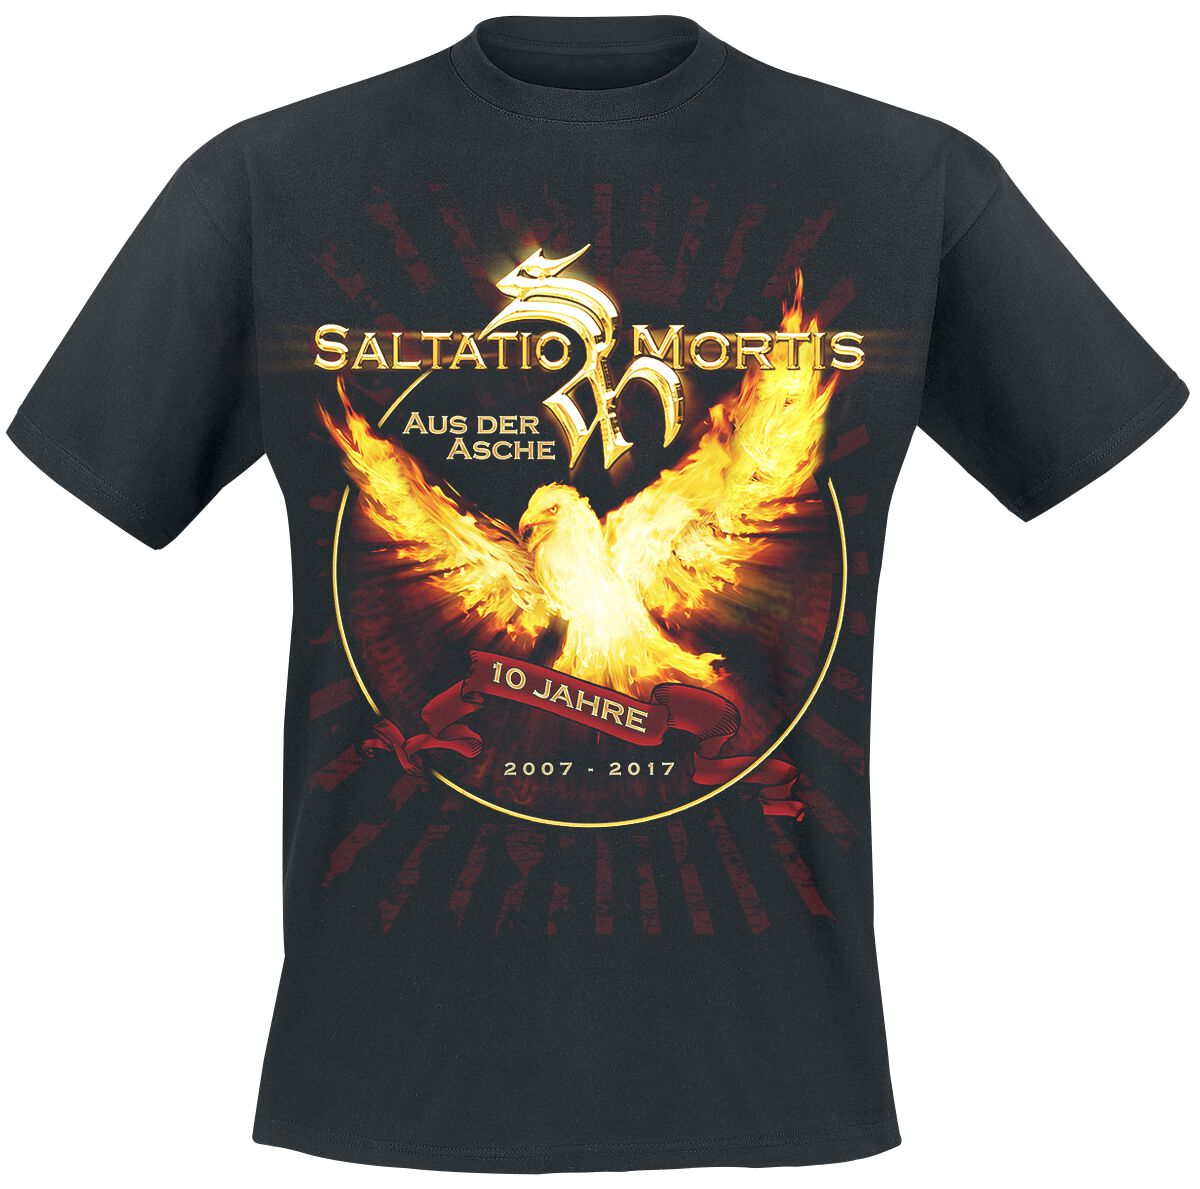 Zespoły - Koszulki - T-Shirt Saltatio Mortis Aus der Asche T-Shirt czarny - 359969